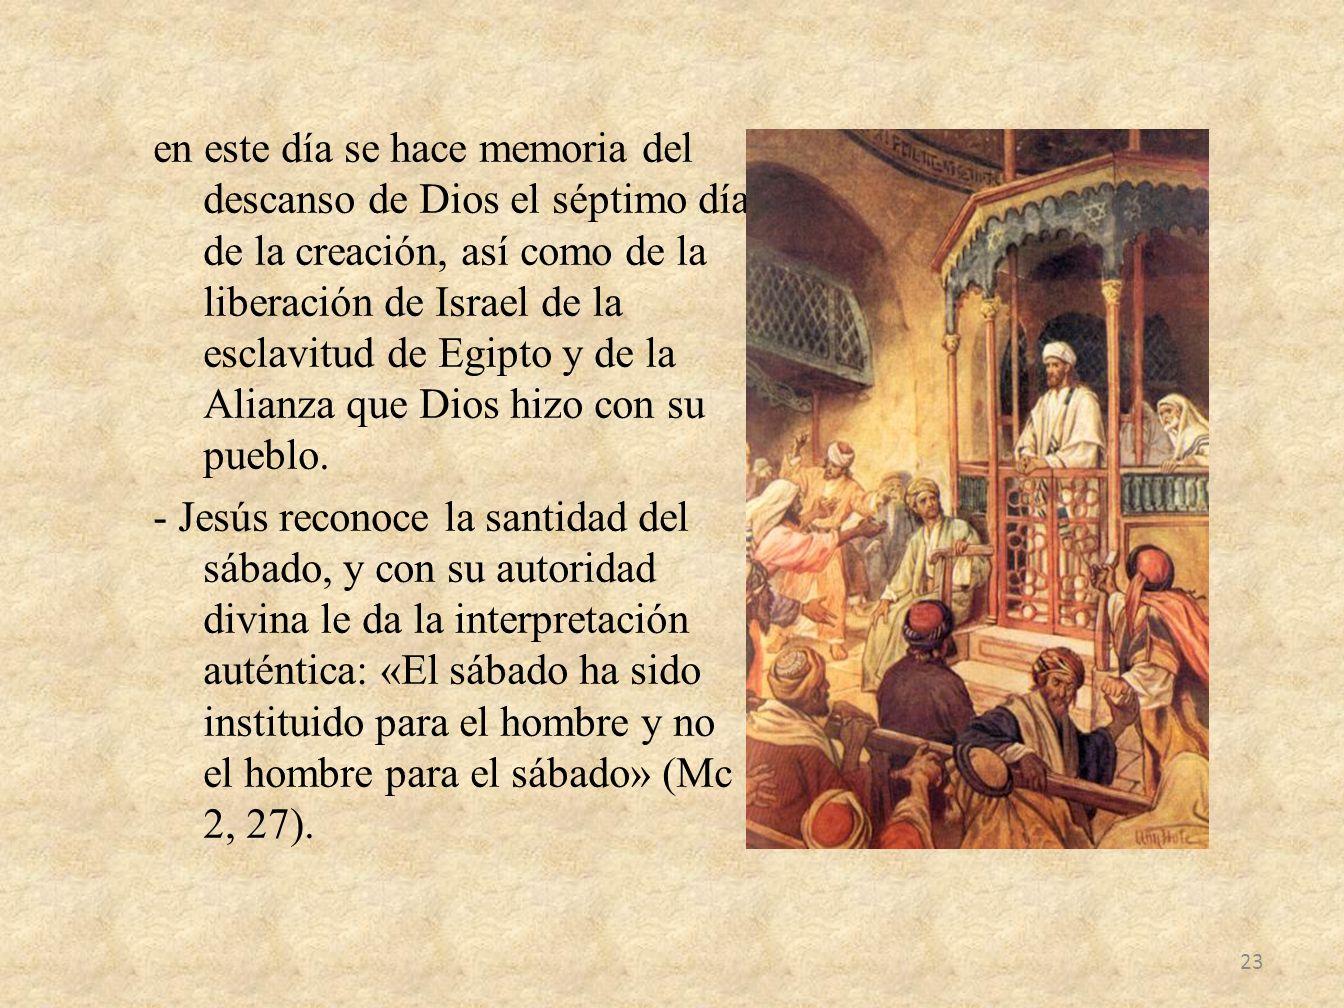 en este día se hace memoria del descanso de Dios el séptimo día de la creación, así como de la liberación de Israel de la esclavitud de Egipto y de la